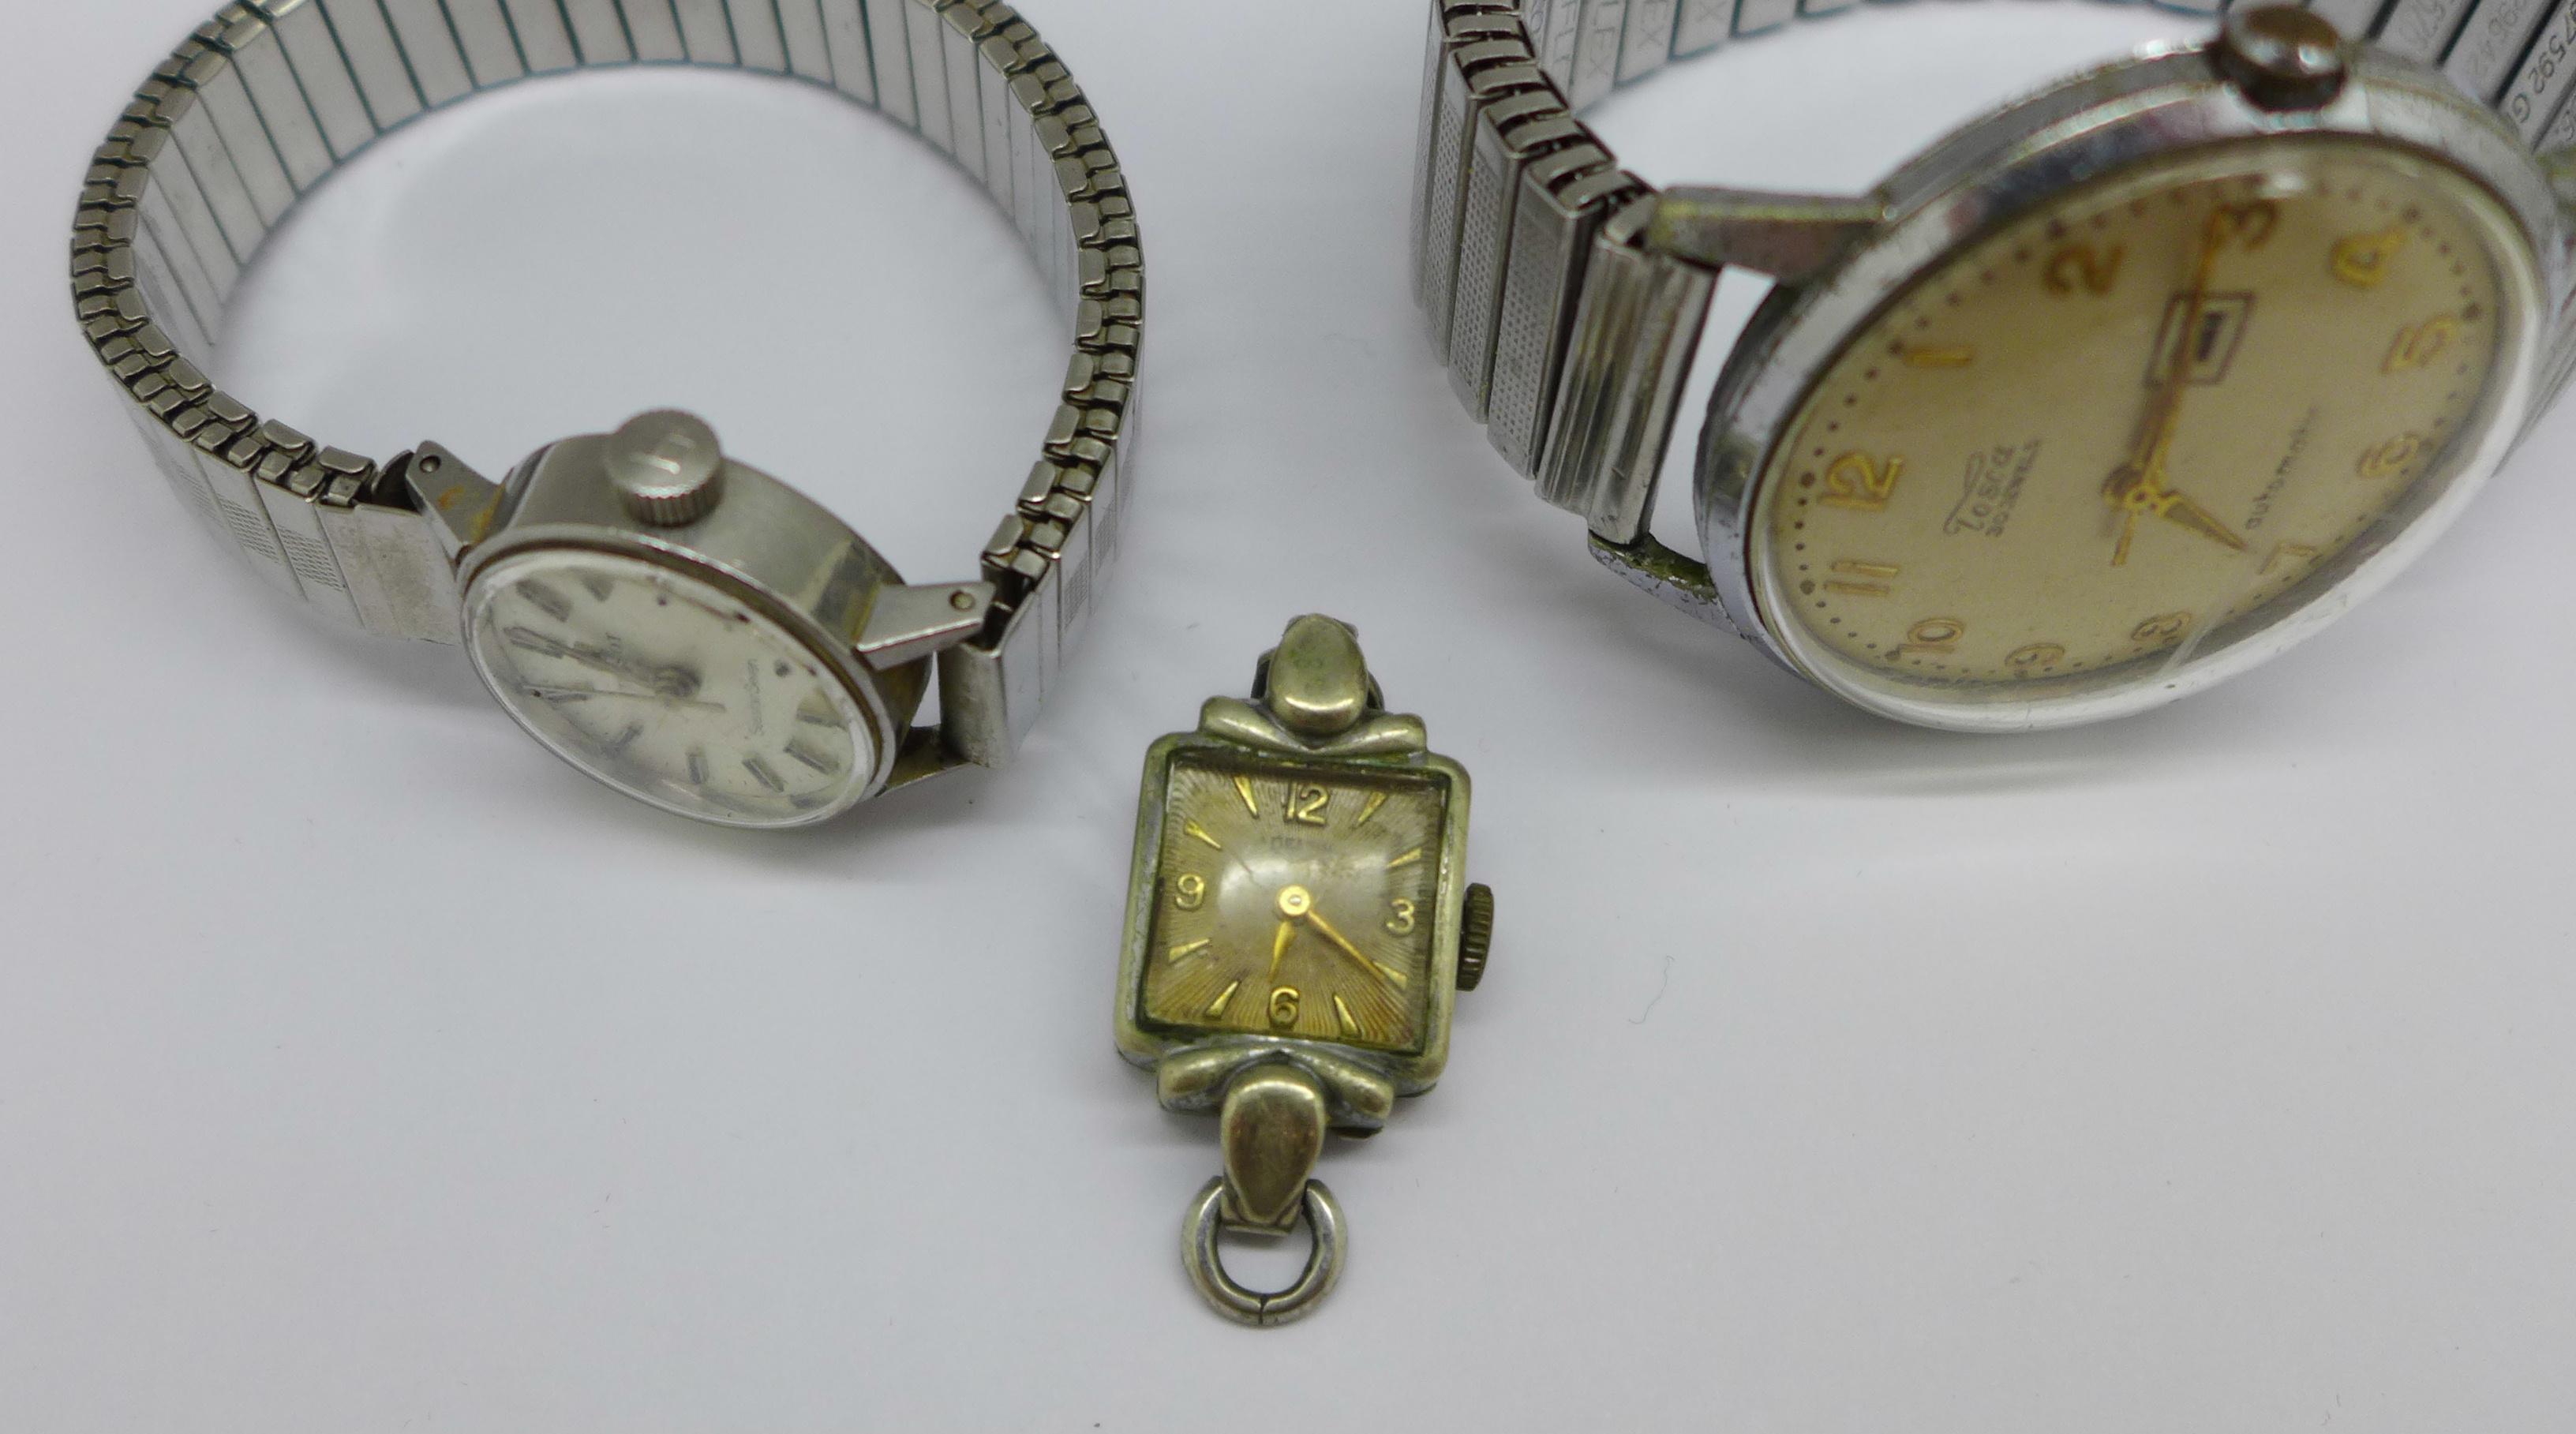 A lady's Tissot Seastar wristwatch and a Tosca 30 jewel wristwatch - Image 4 of 8